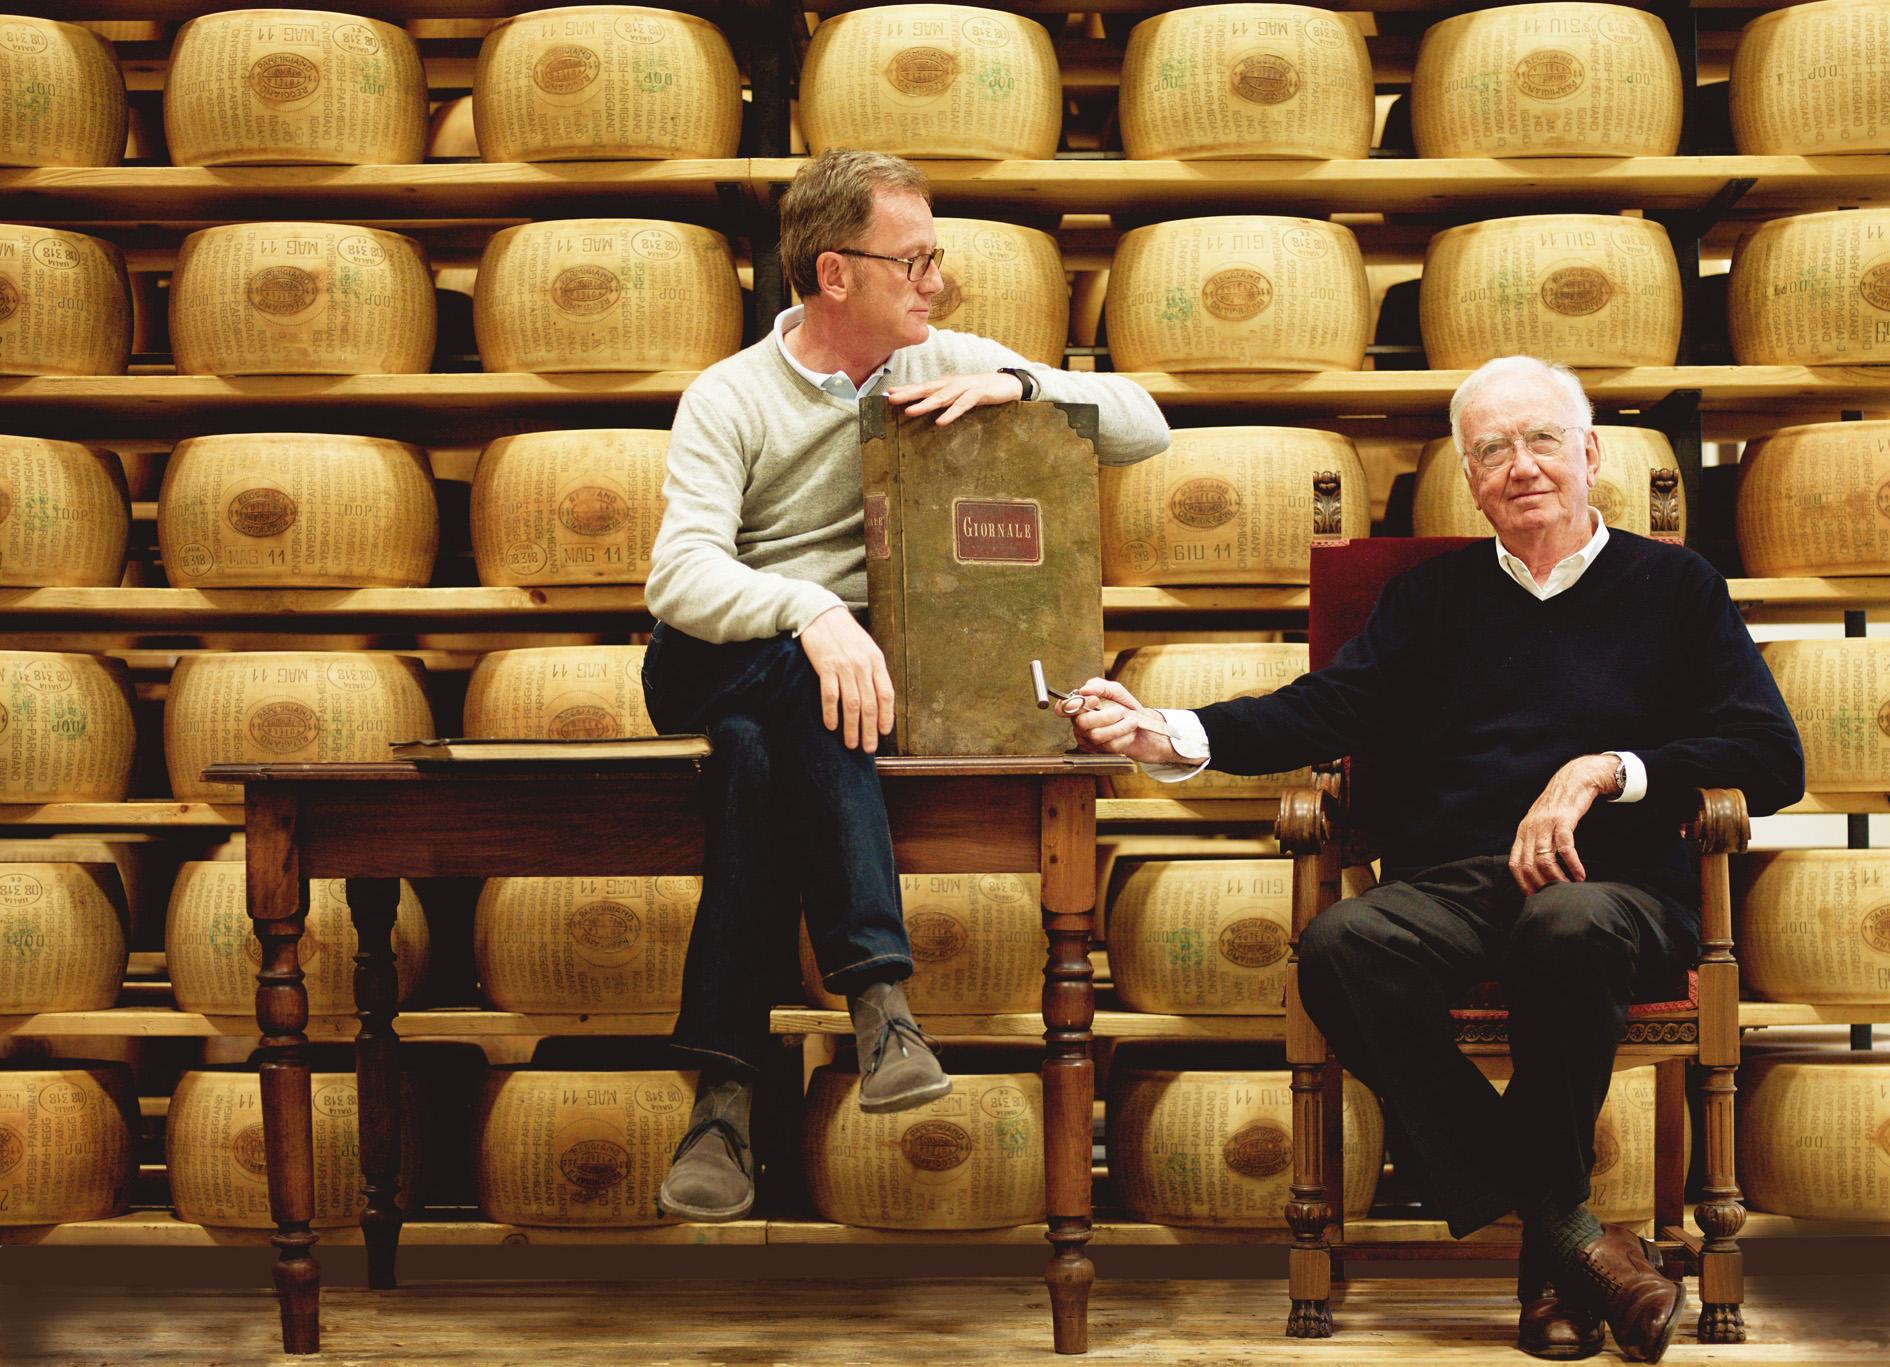 Giorgio and his father Giacomo, with the original family ledger